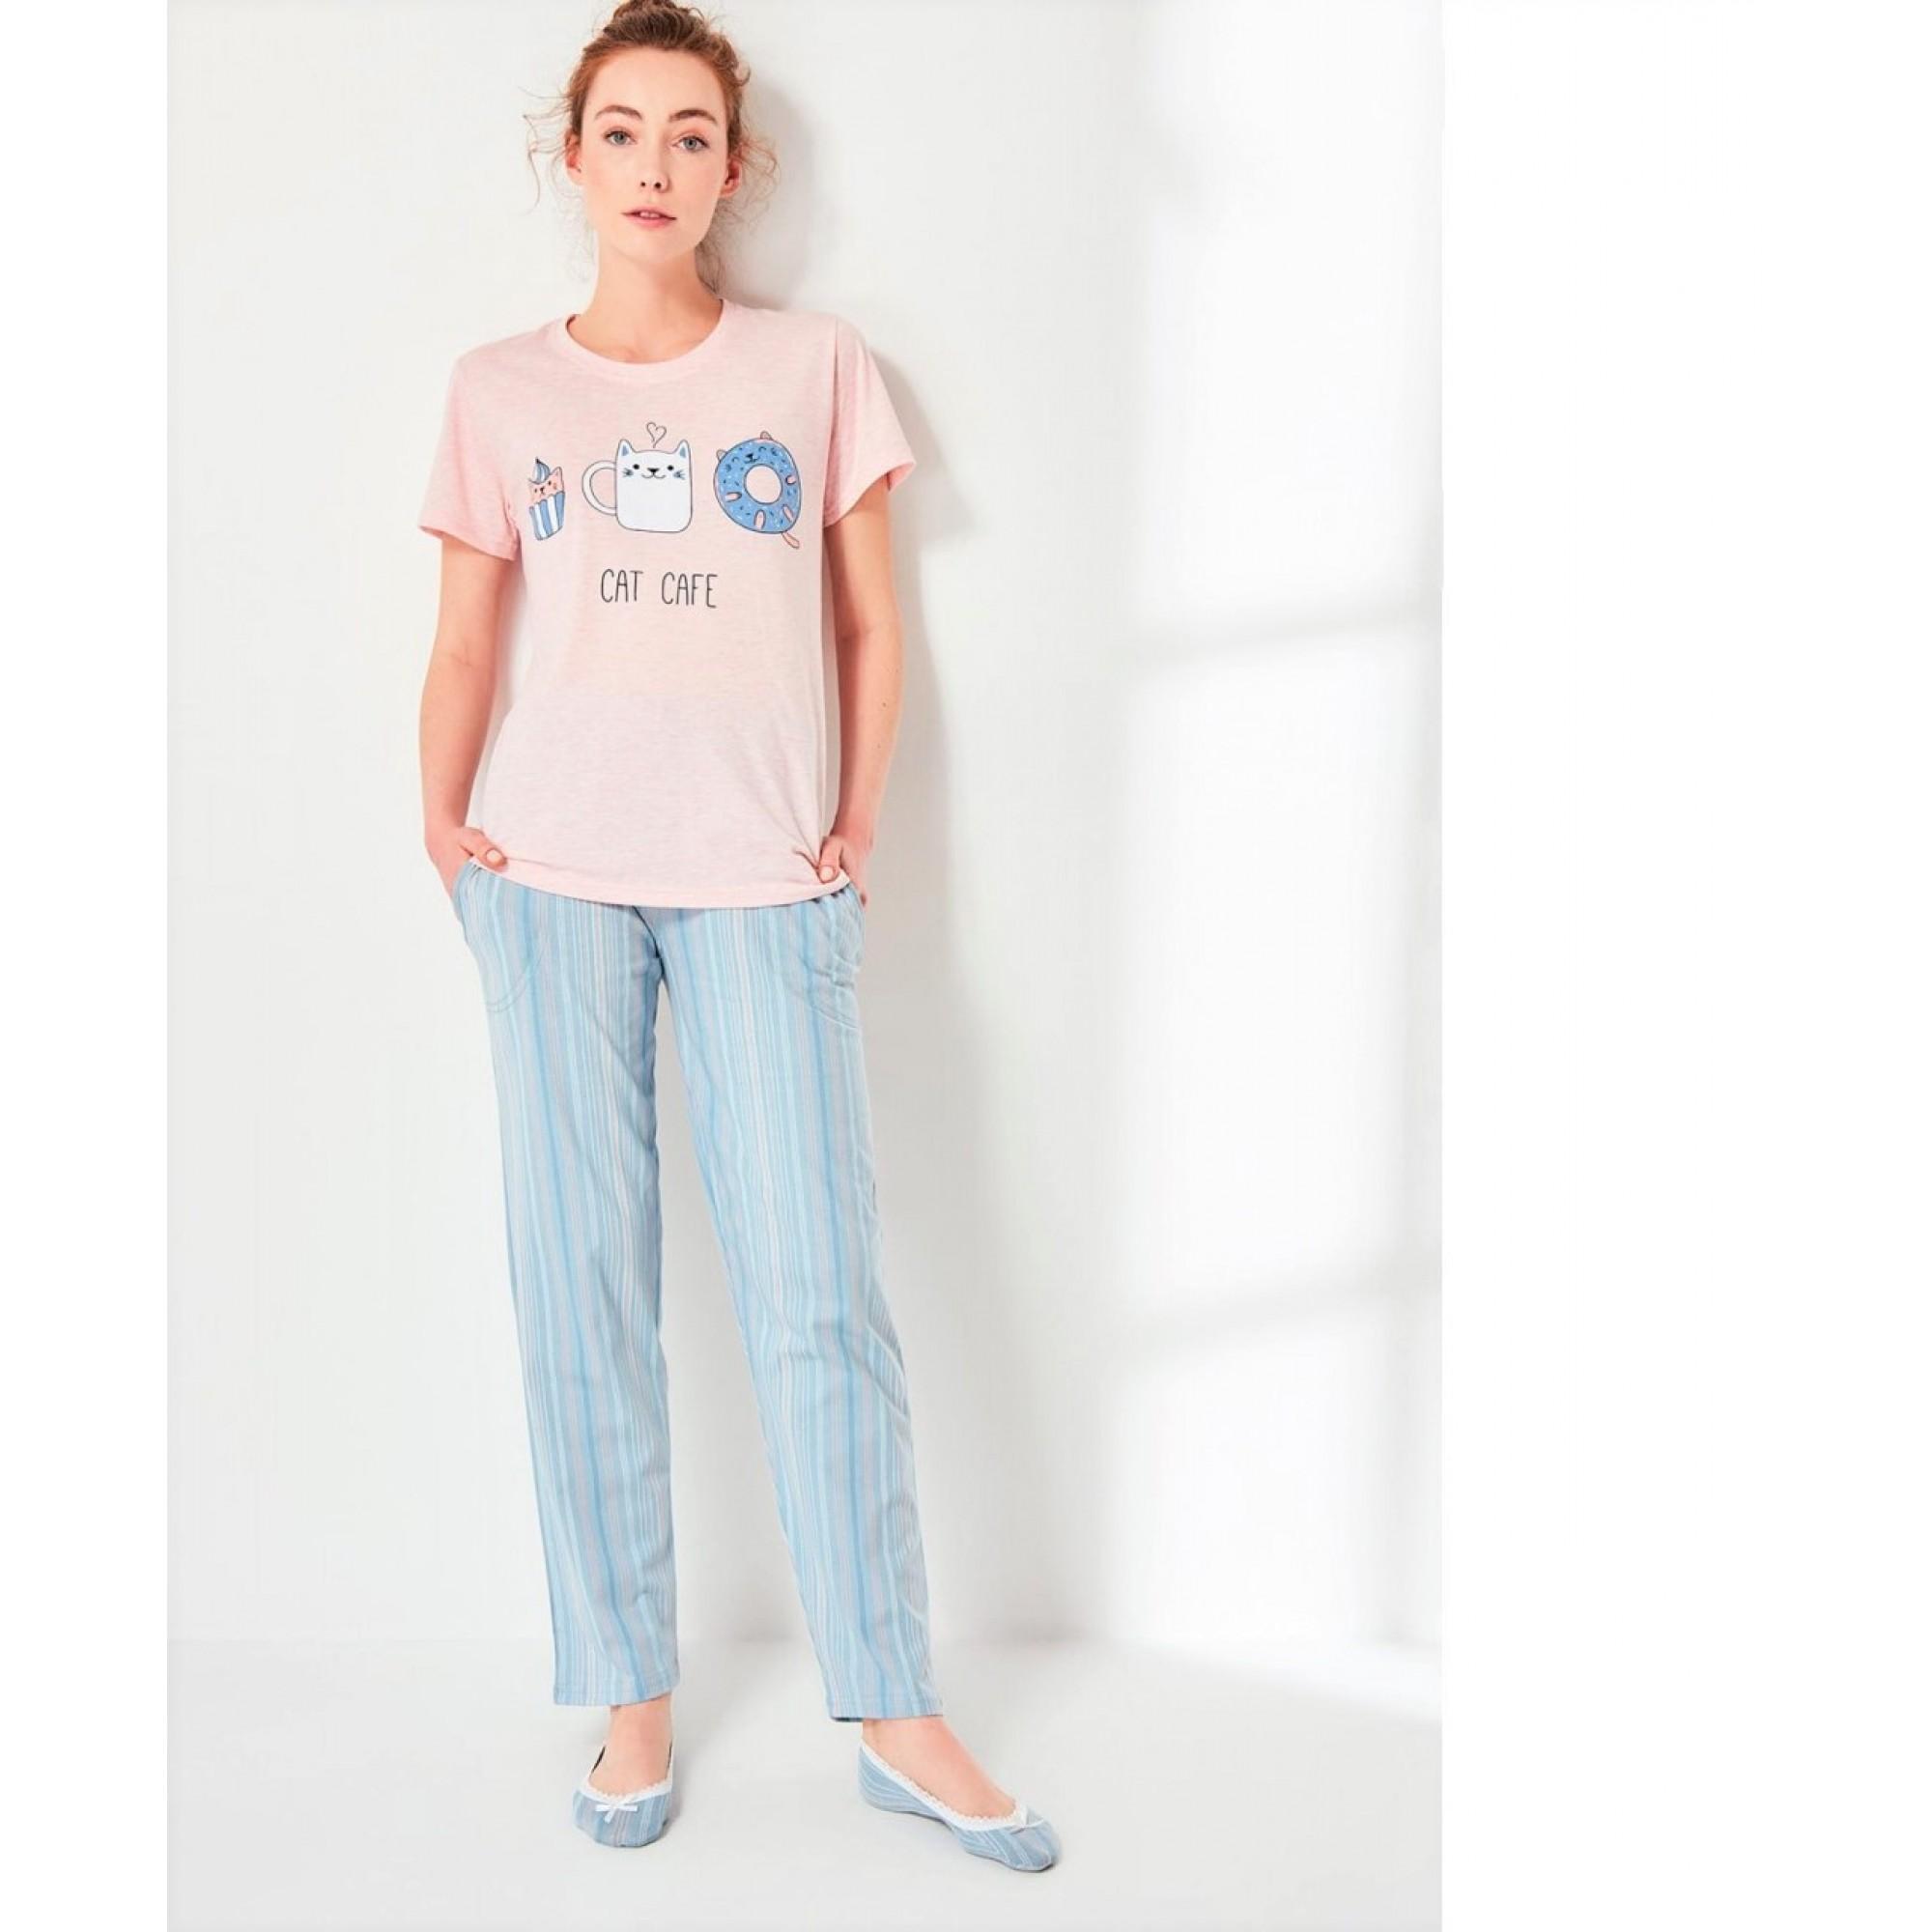 Дамска пижама Cat Café с къс ръкав